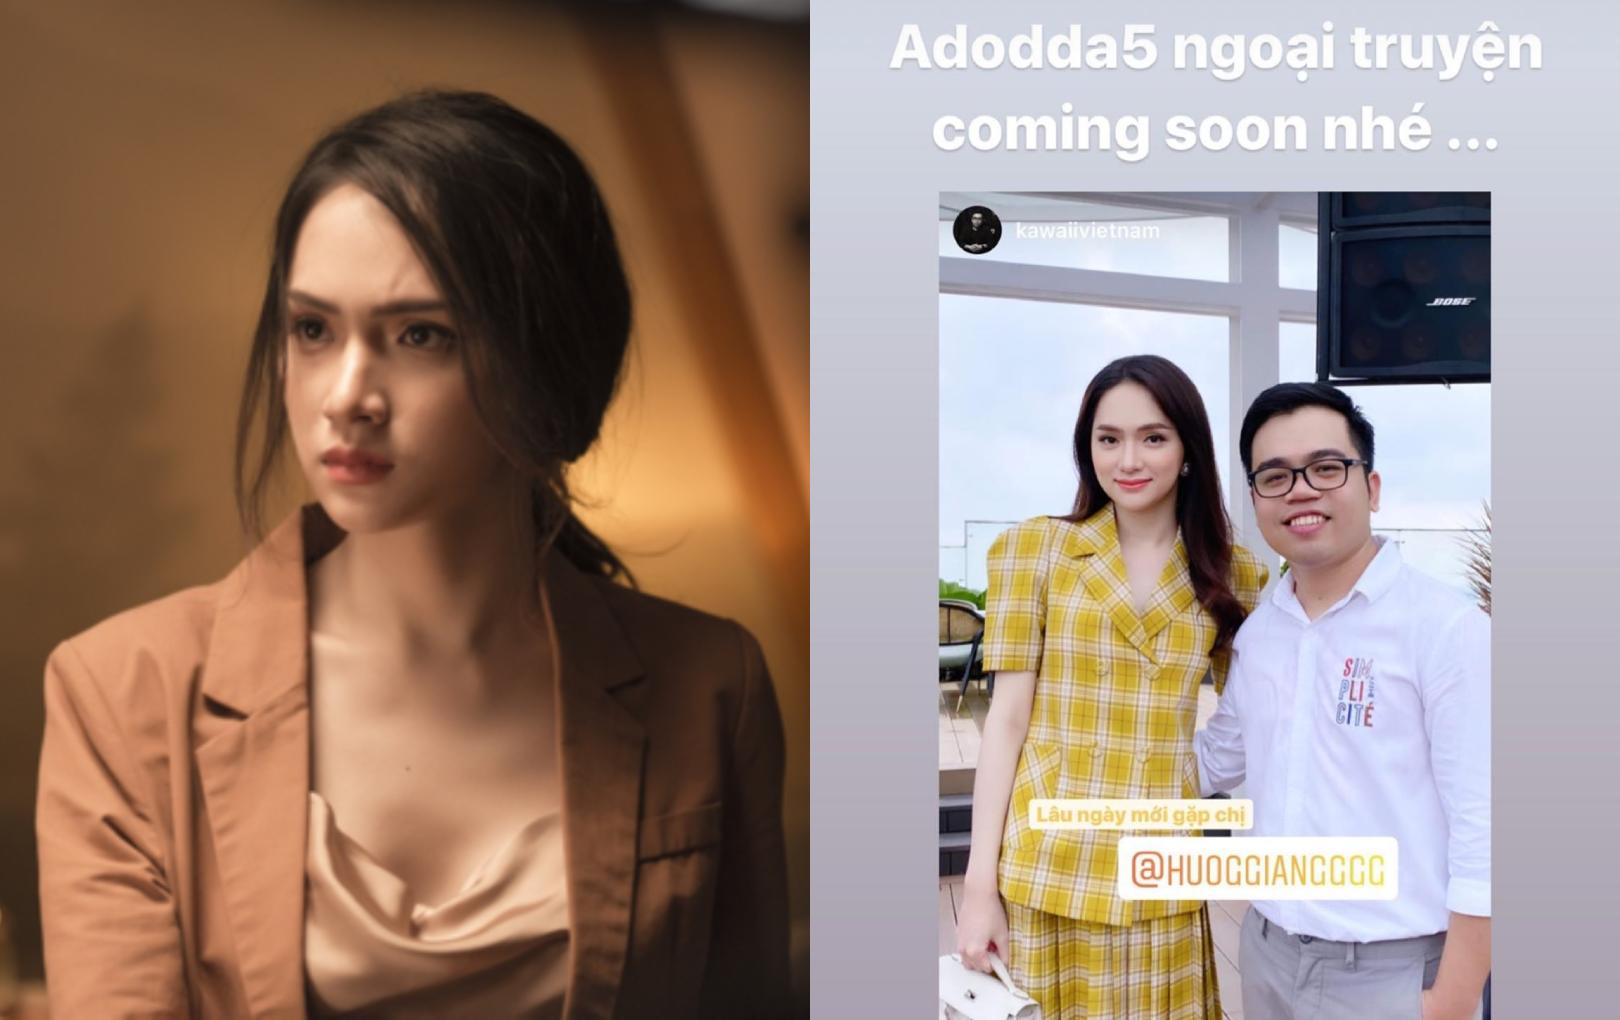 Hương Giang ẩn ý series #ADODDA sắp ra mắt phần ngoại truyện?